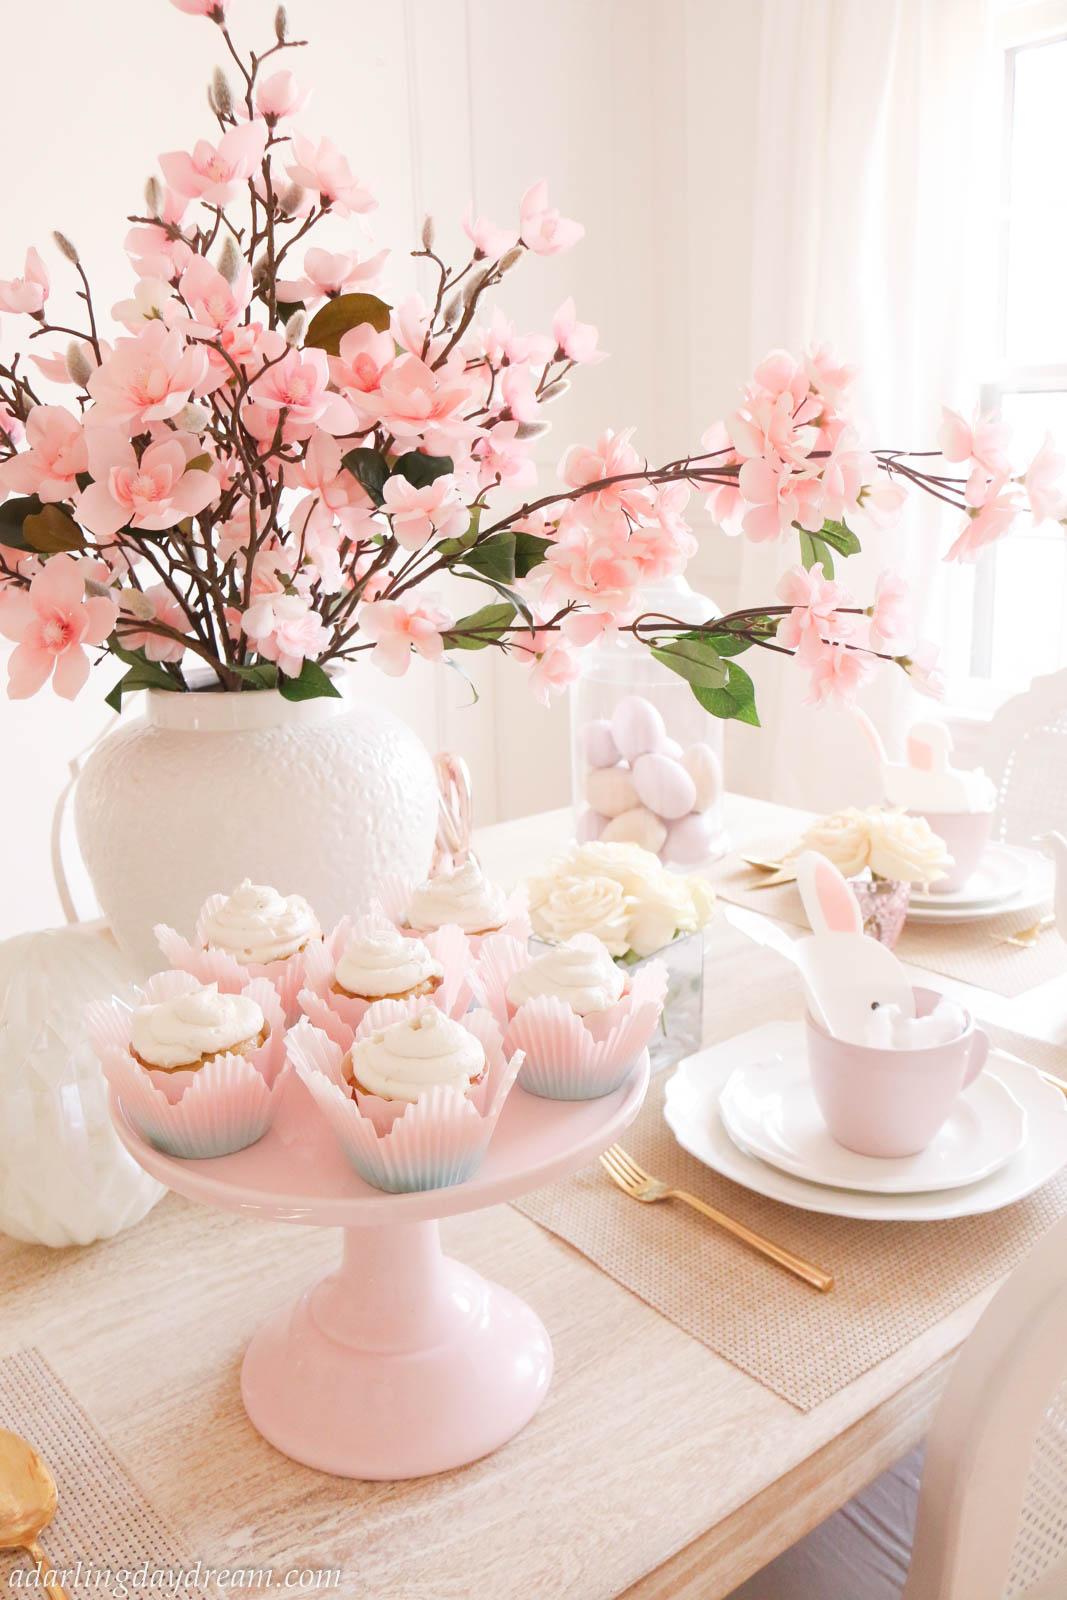 Easter-Tablescape-Spring-Tea-party-Decor-21